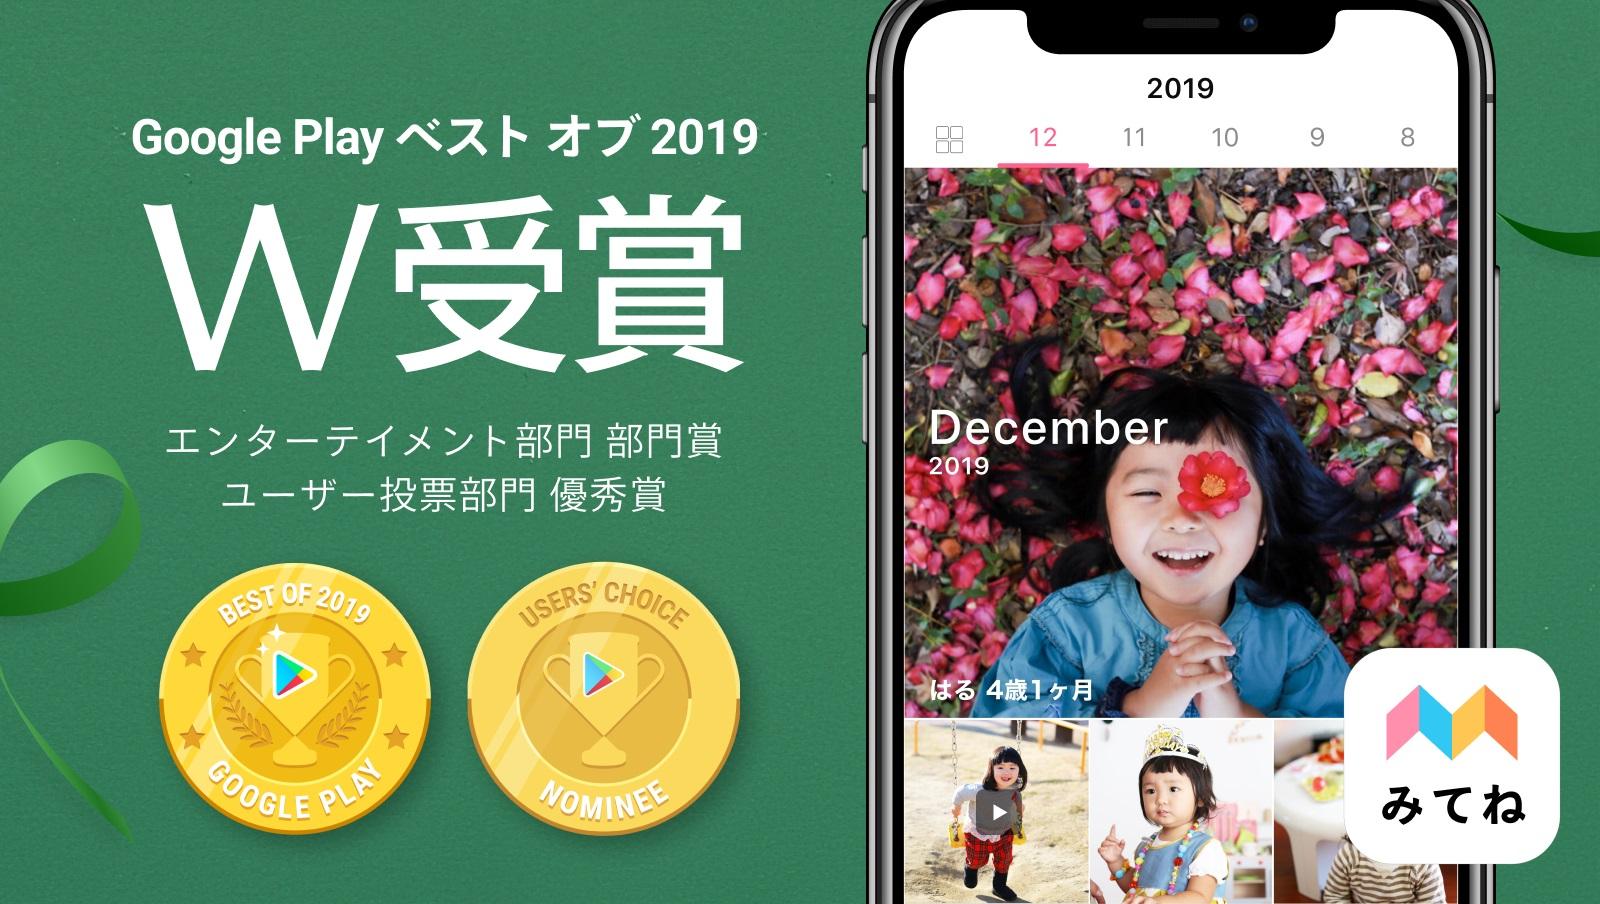 家族向け写真・動画共有アプリ 家族アルバム 「みてね」がGoogle Play ベスト オブ 201... 画像